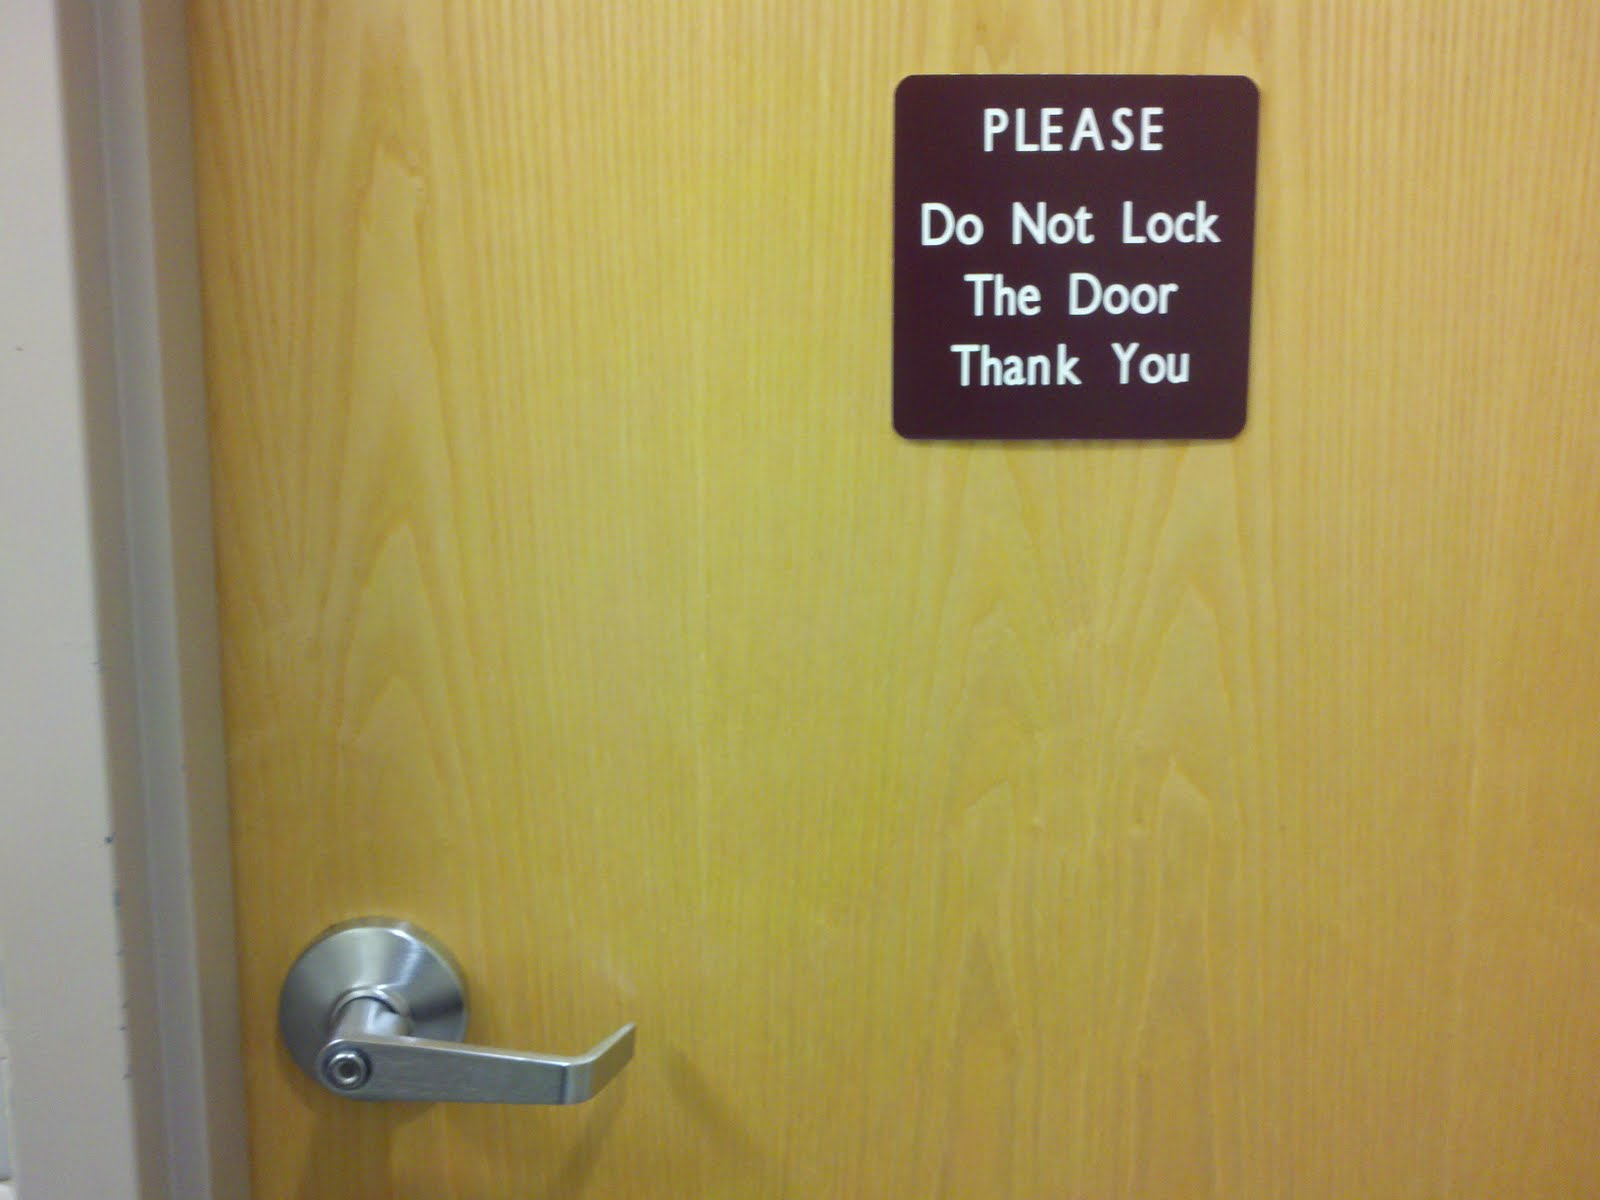 please lock door. Please Do Not Lock The Door